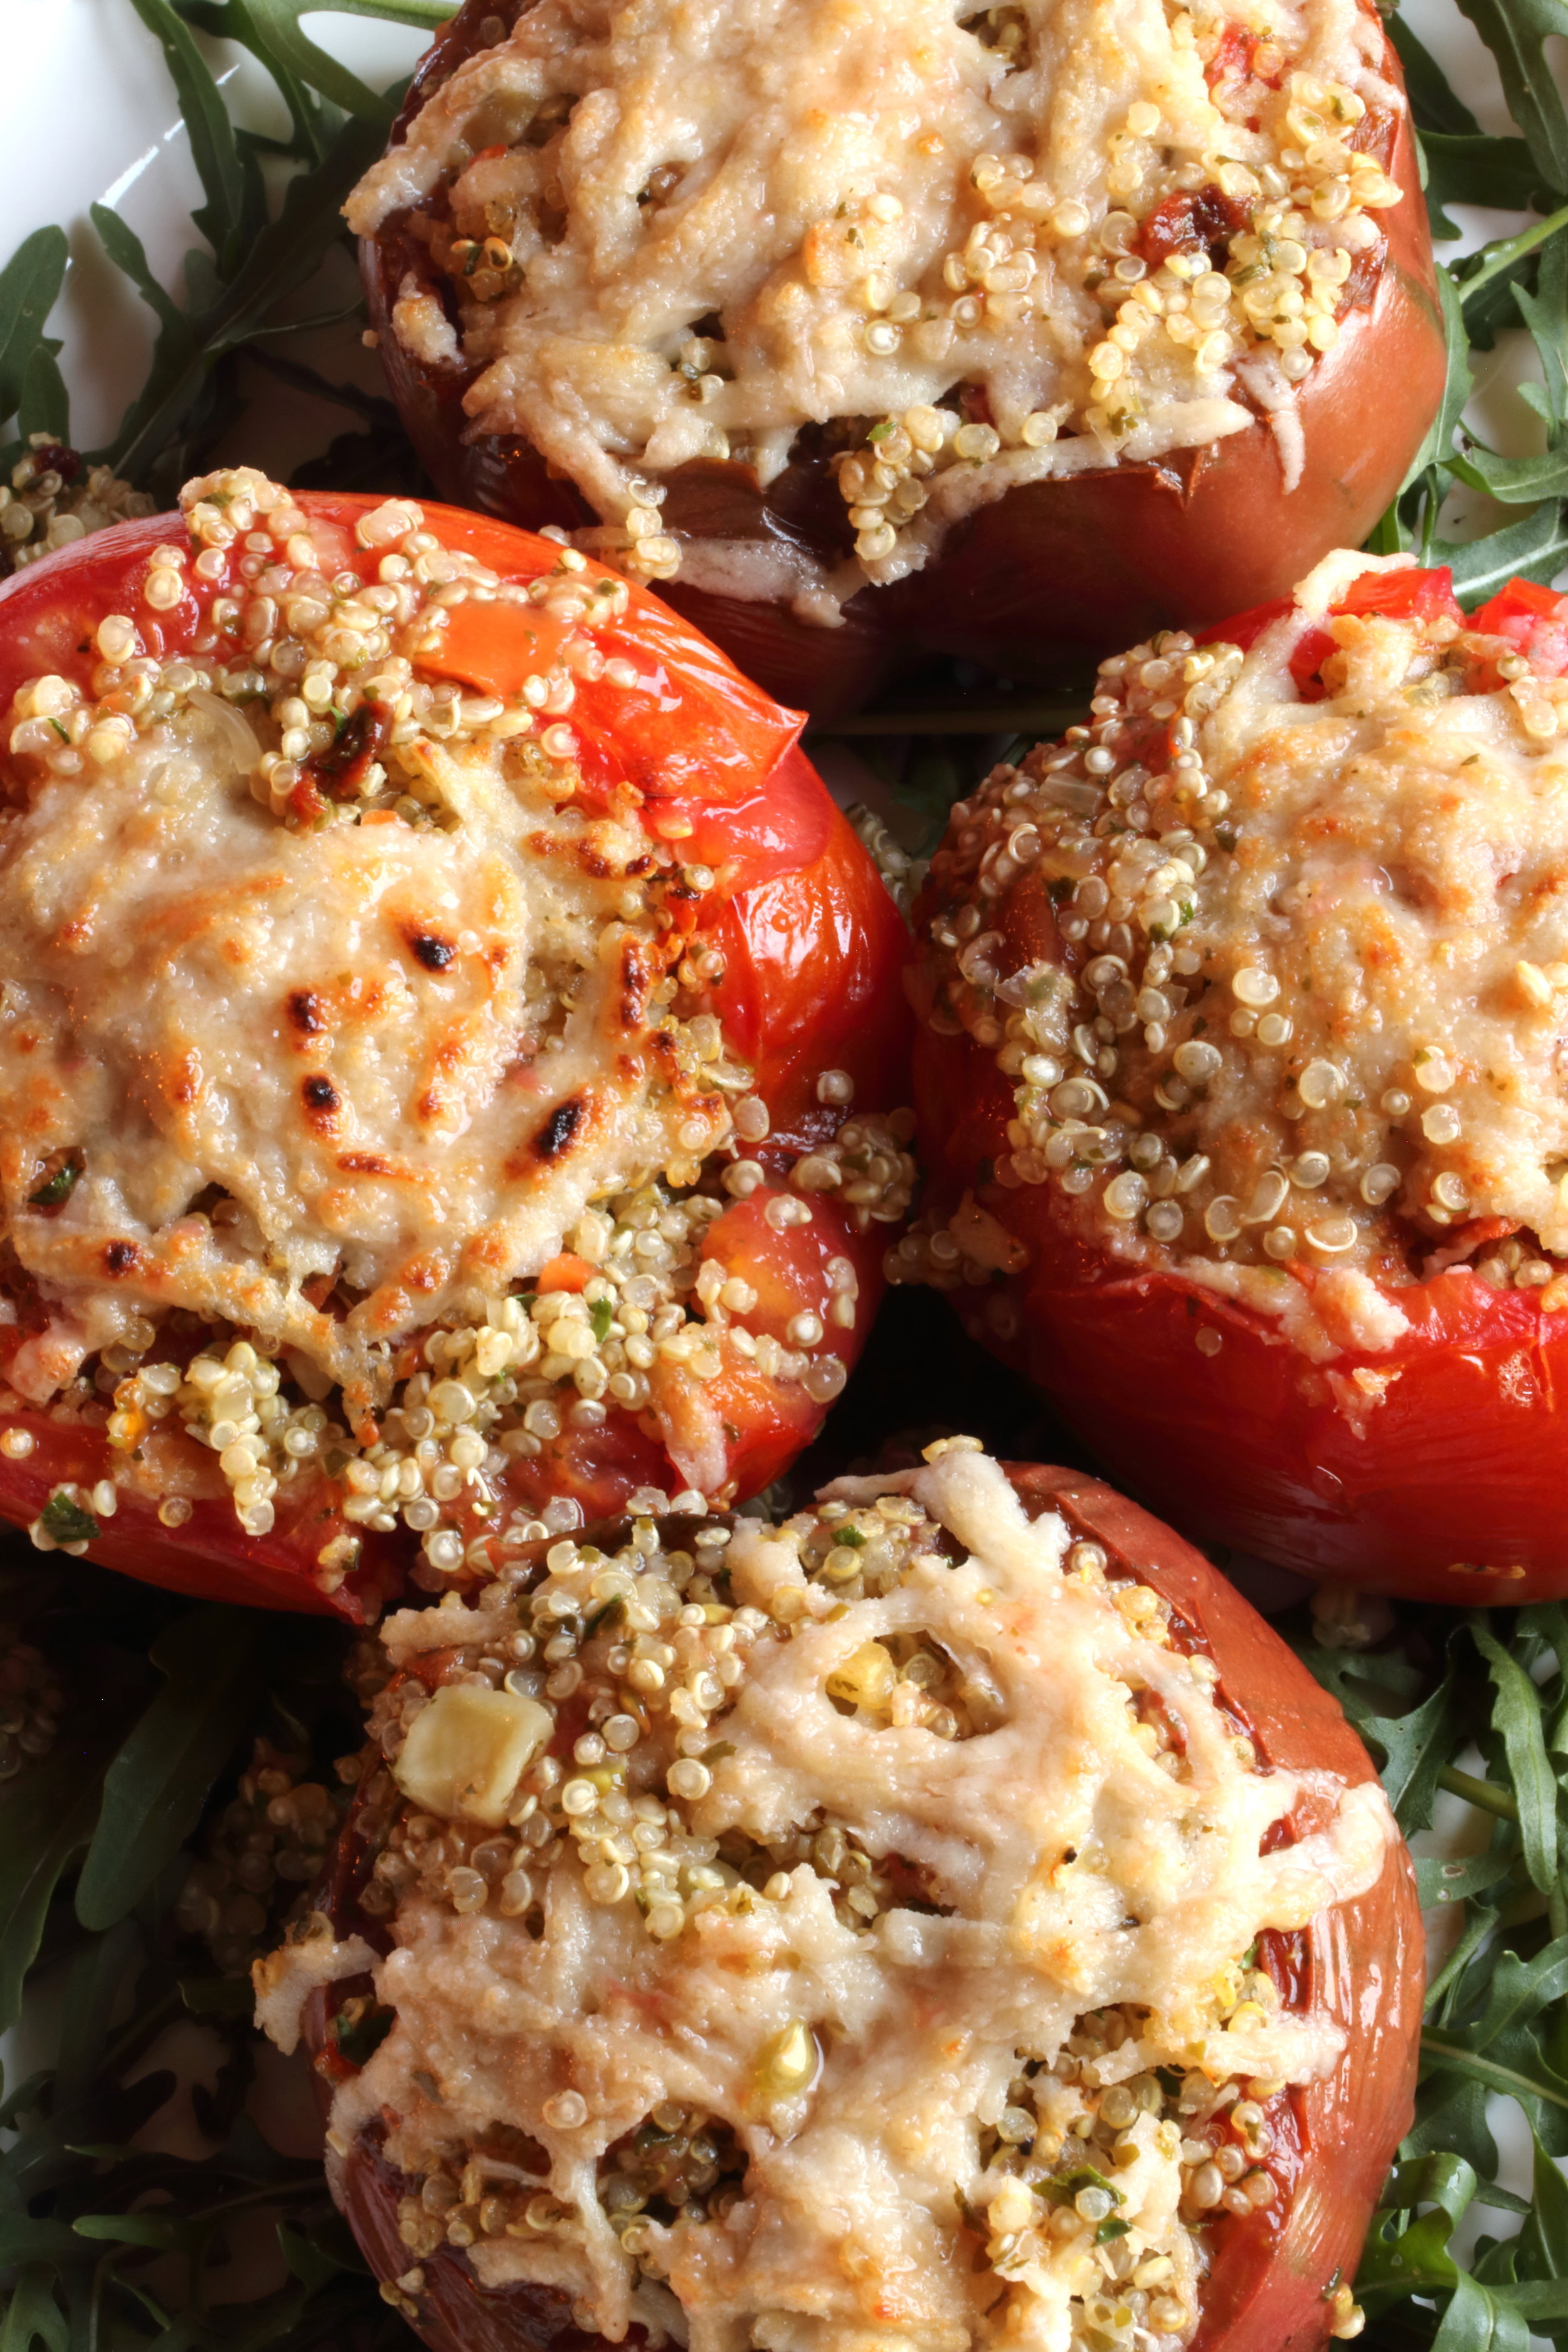 IMG_7286 Stuffed Tomatoes.JPG